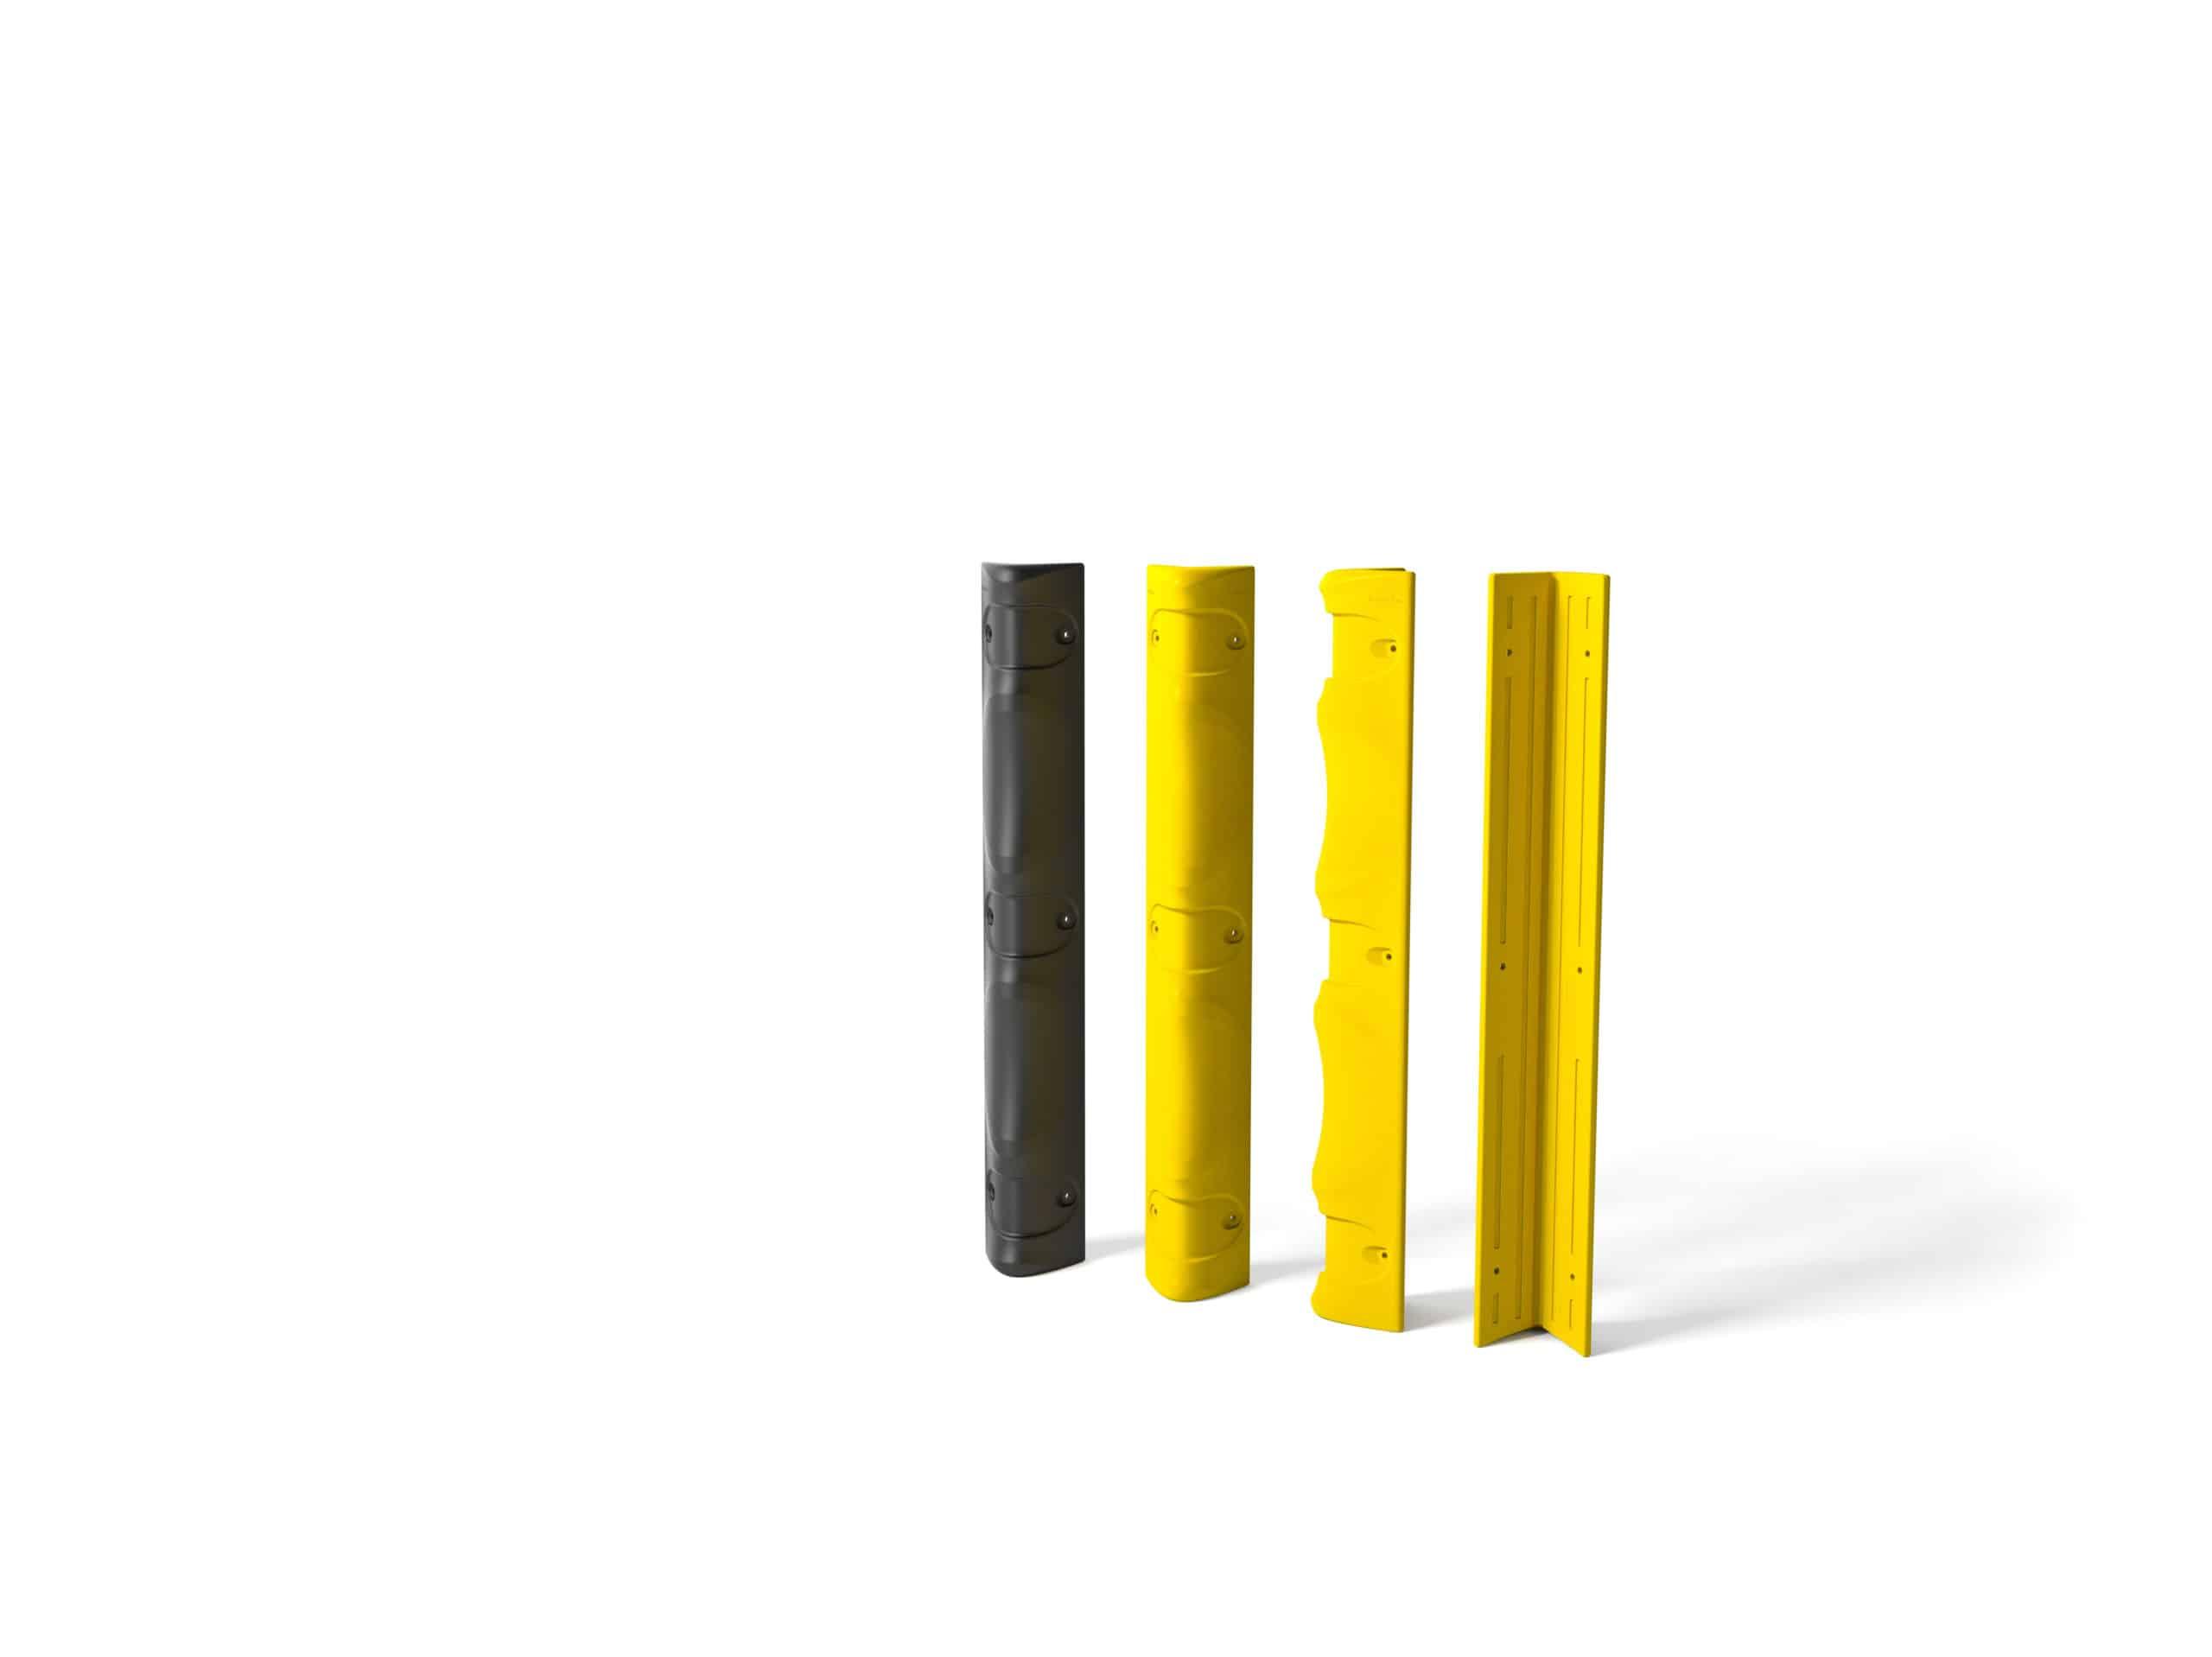 Eckanfahrschutz für Säule boplan® Kantenschutz schwarz 1.000x100x100 mm